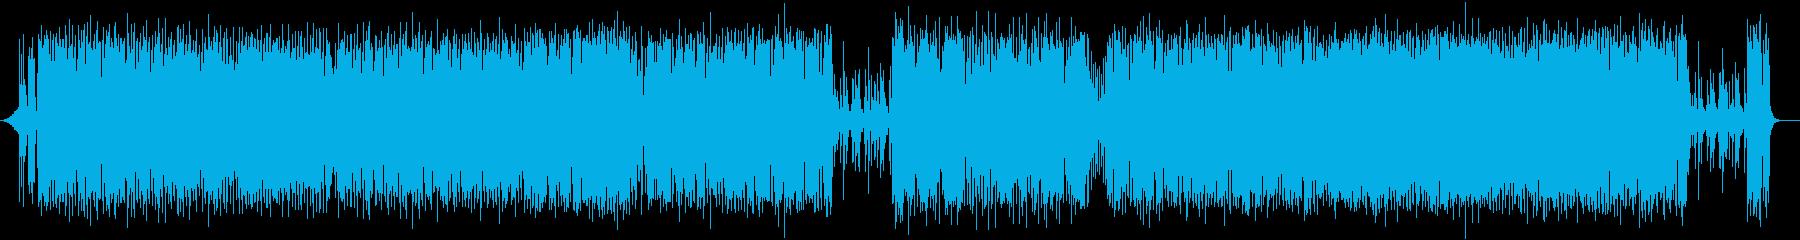 陽気でクールなエレキポップスの再生済みの波形